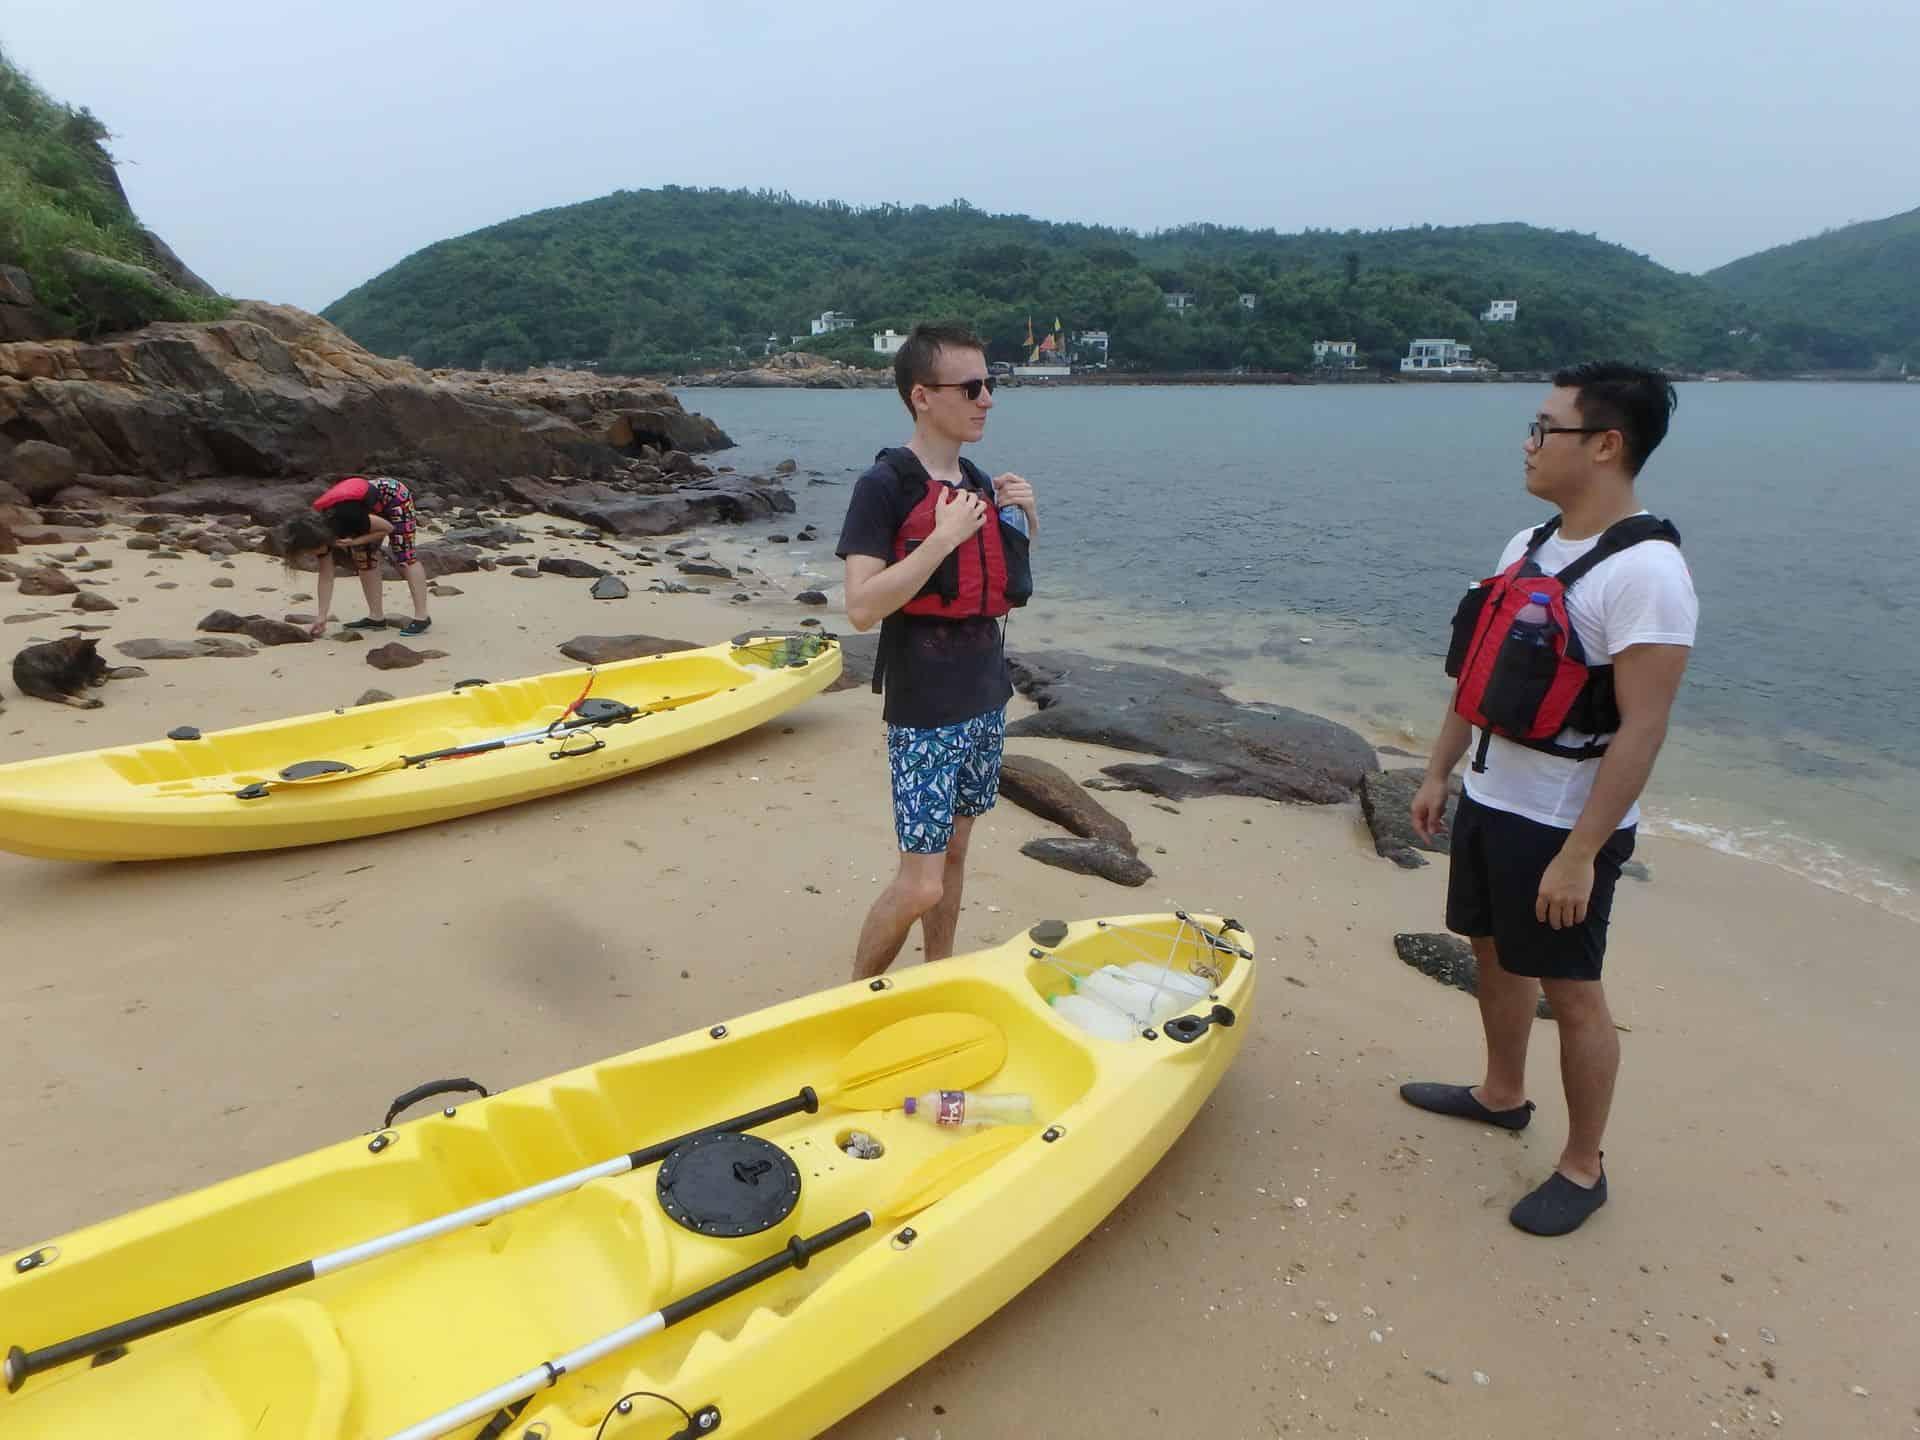 Dog island beach group